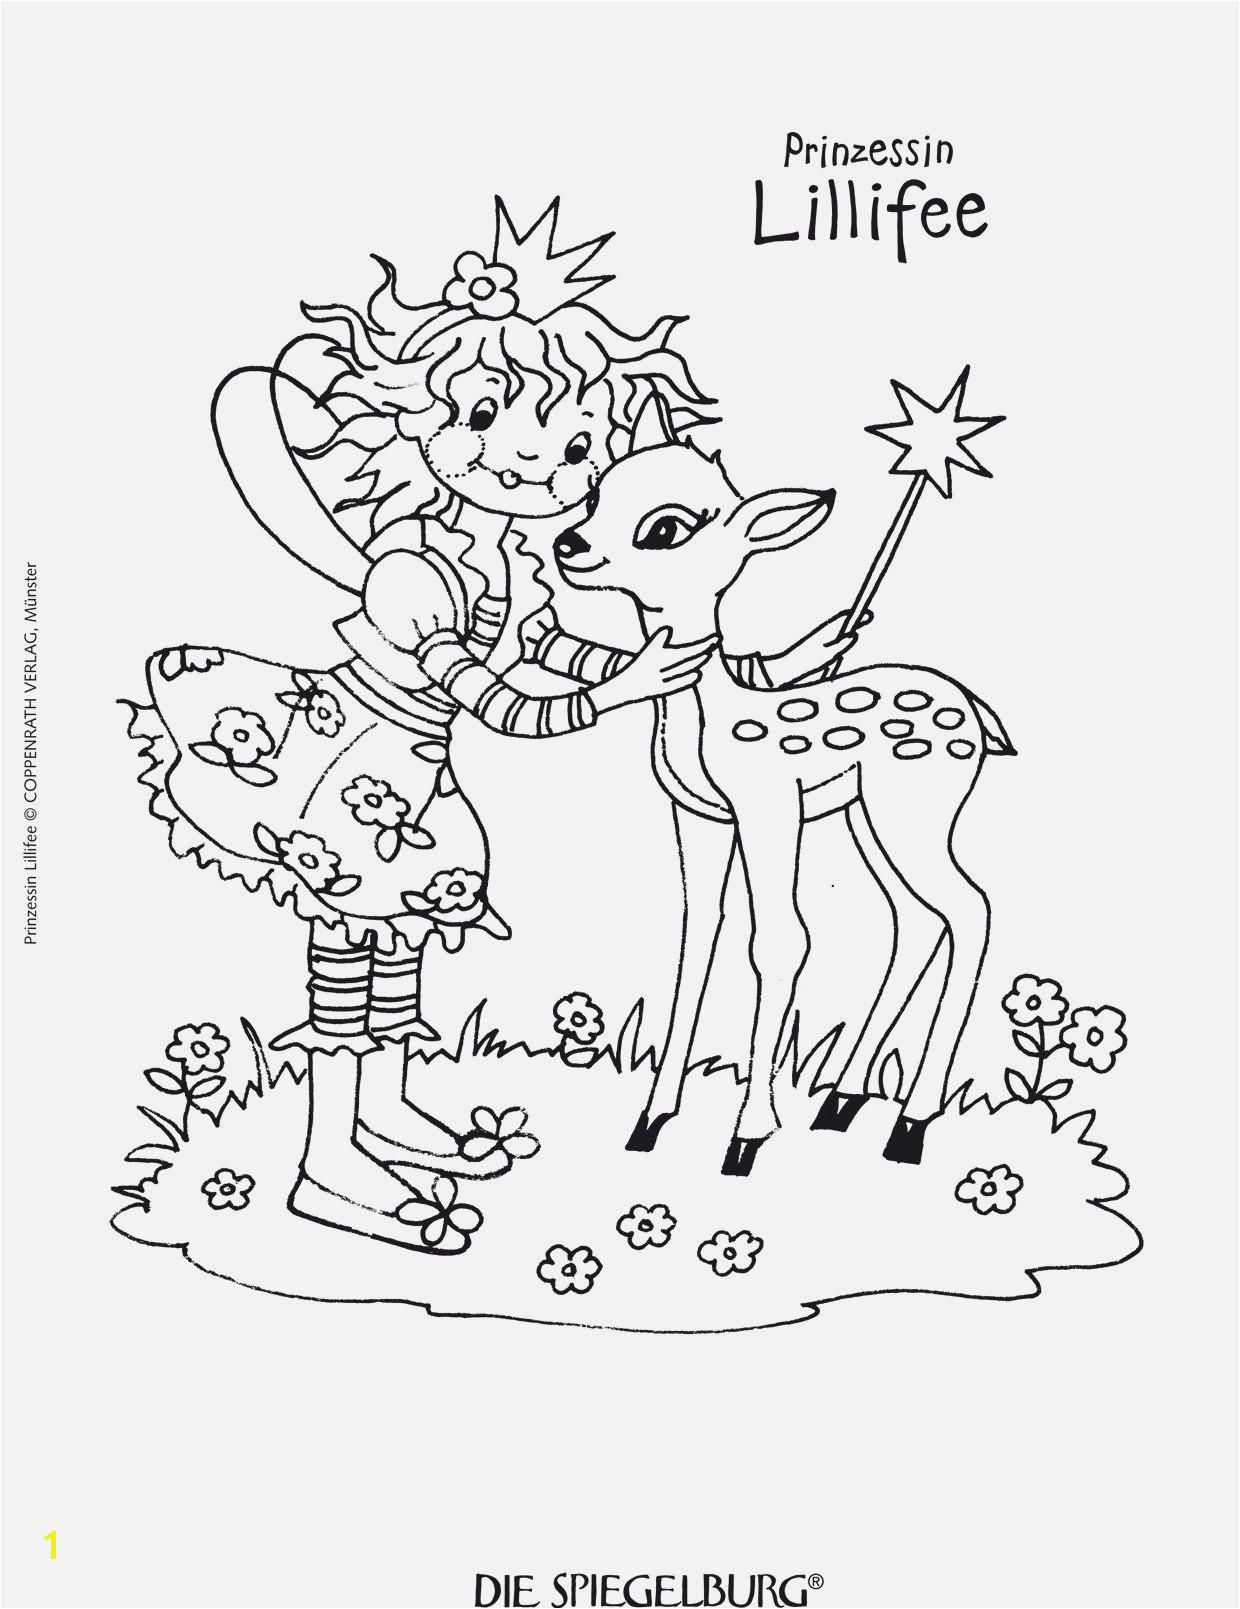 Malvorlagen Kinder Paw Patrol Beispielbilder Färben Prinzessin Lillifee Ausmalbilder Und Malvorlagen Pinterest